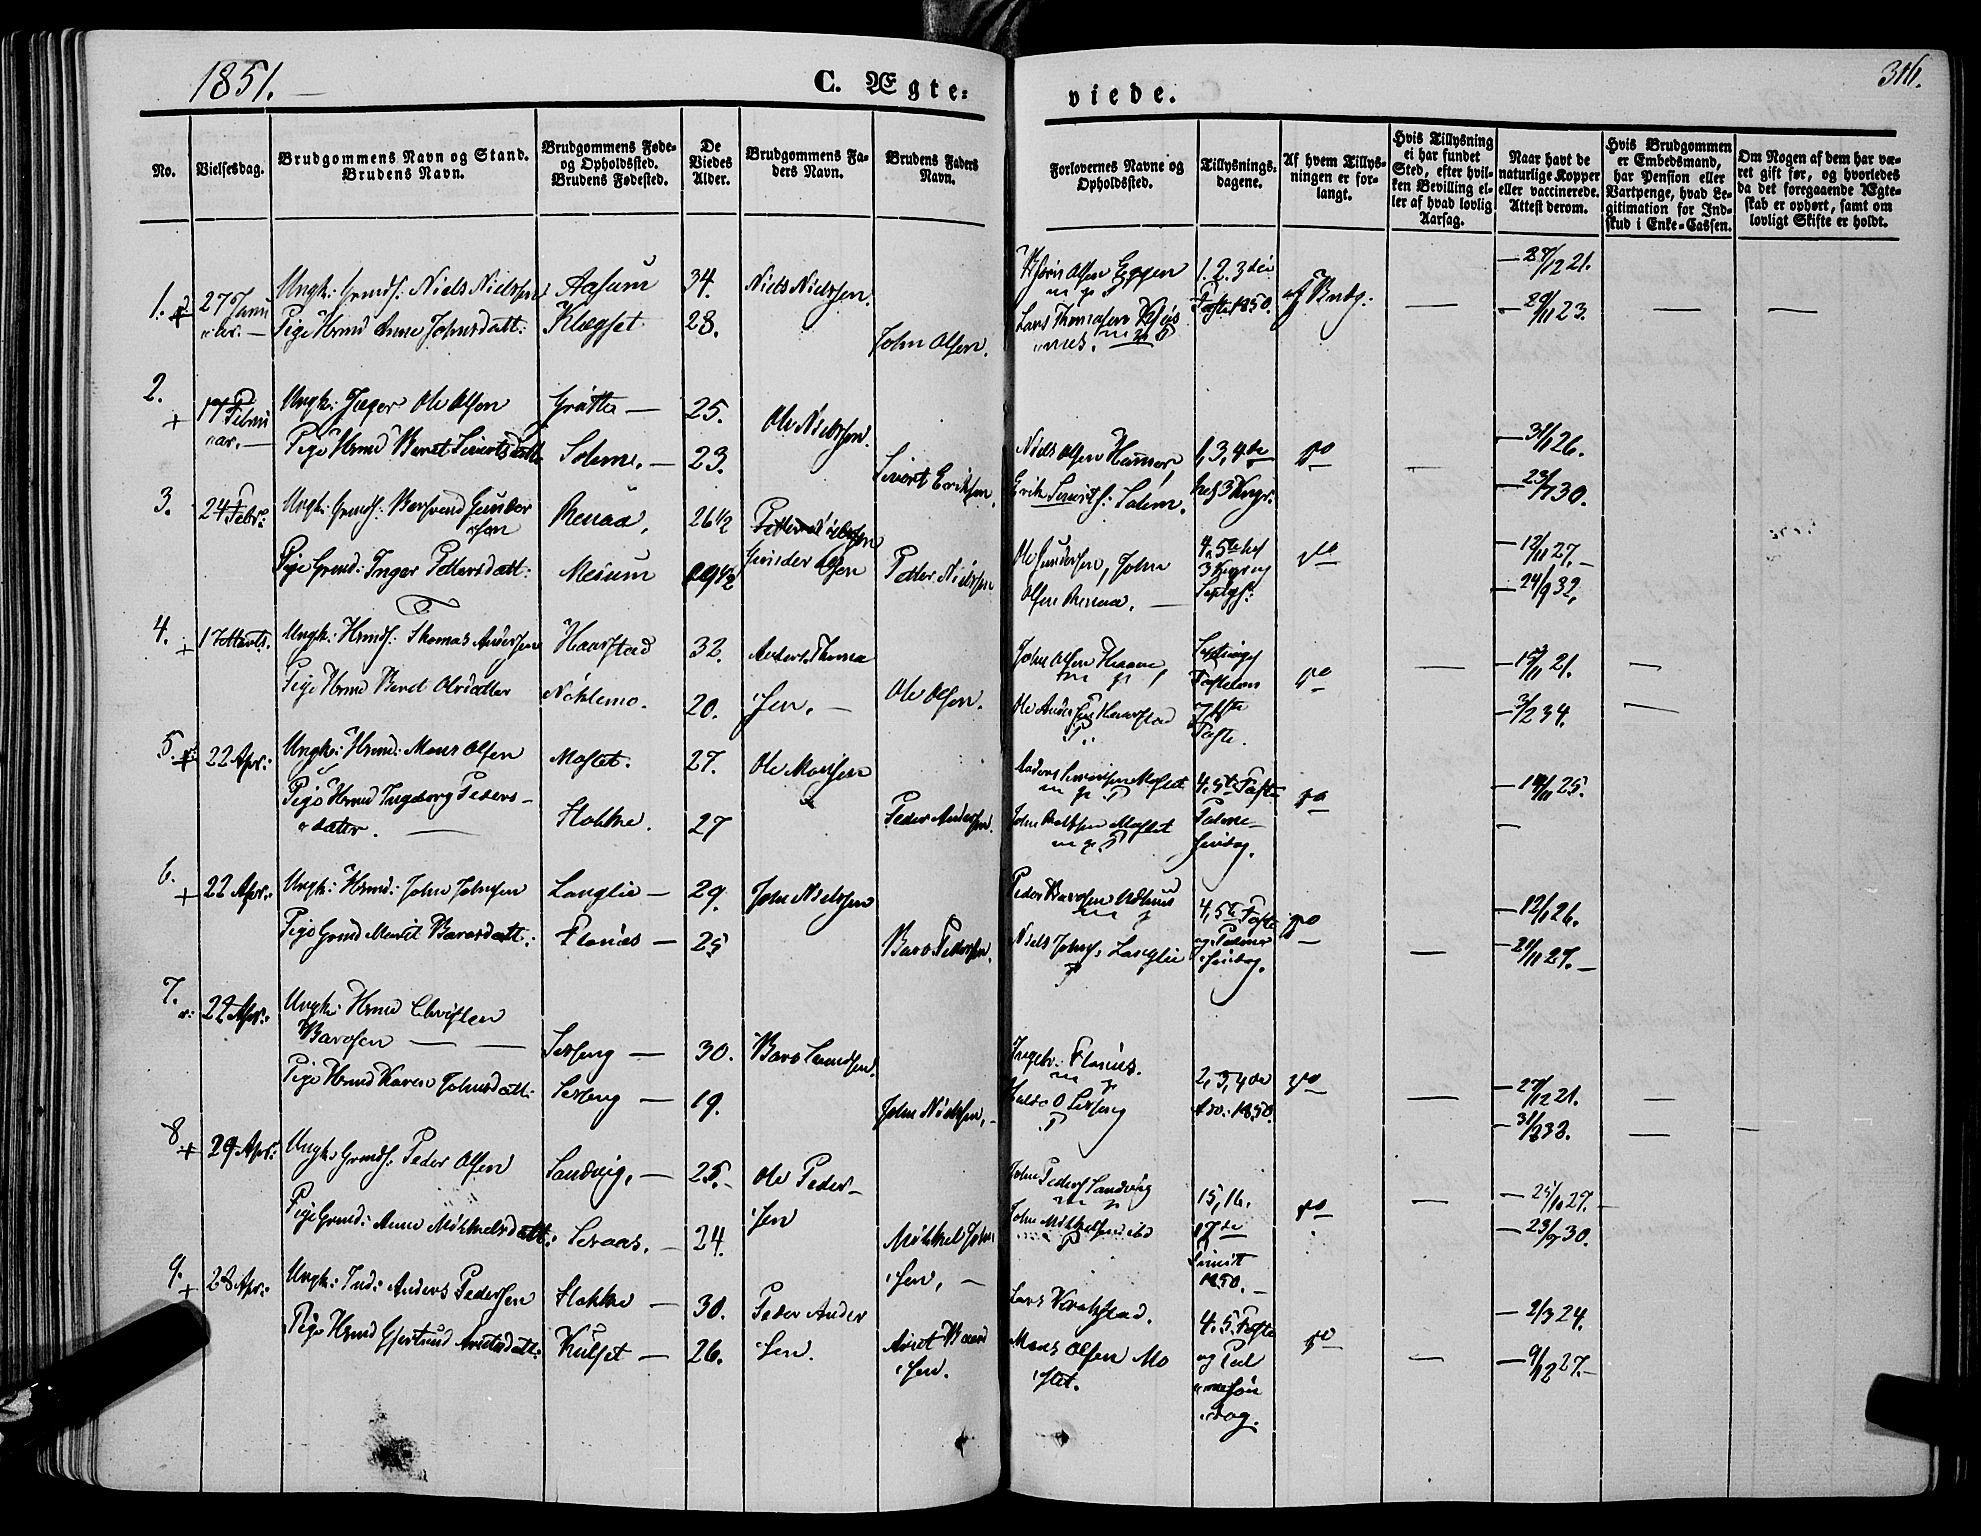 SAT, Ministerialprotokoller, klokkerbøker og fødselsregistre - Sør-Trøndelag, 695/L1145: Ministerialbok nr. 695A06 /1, 1843-1859, s. 316